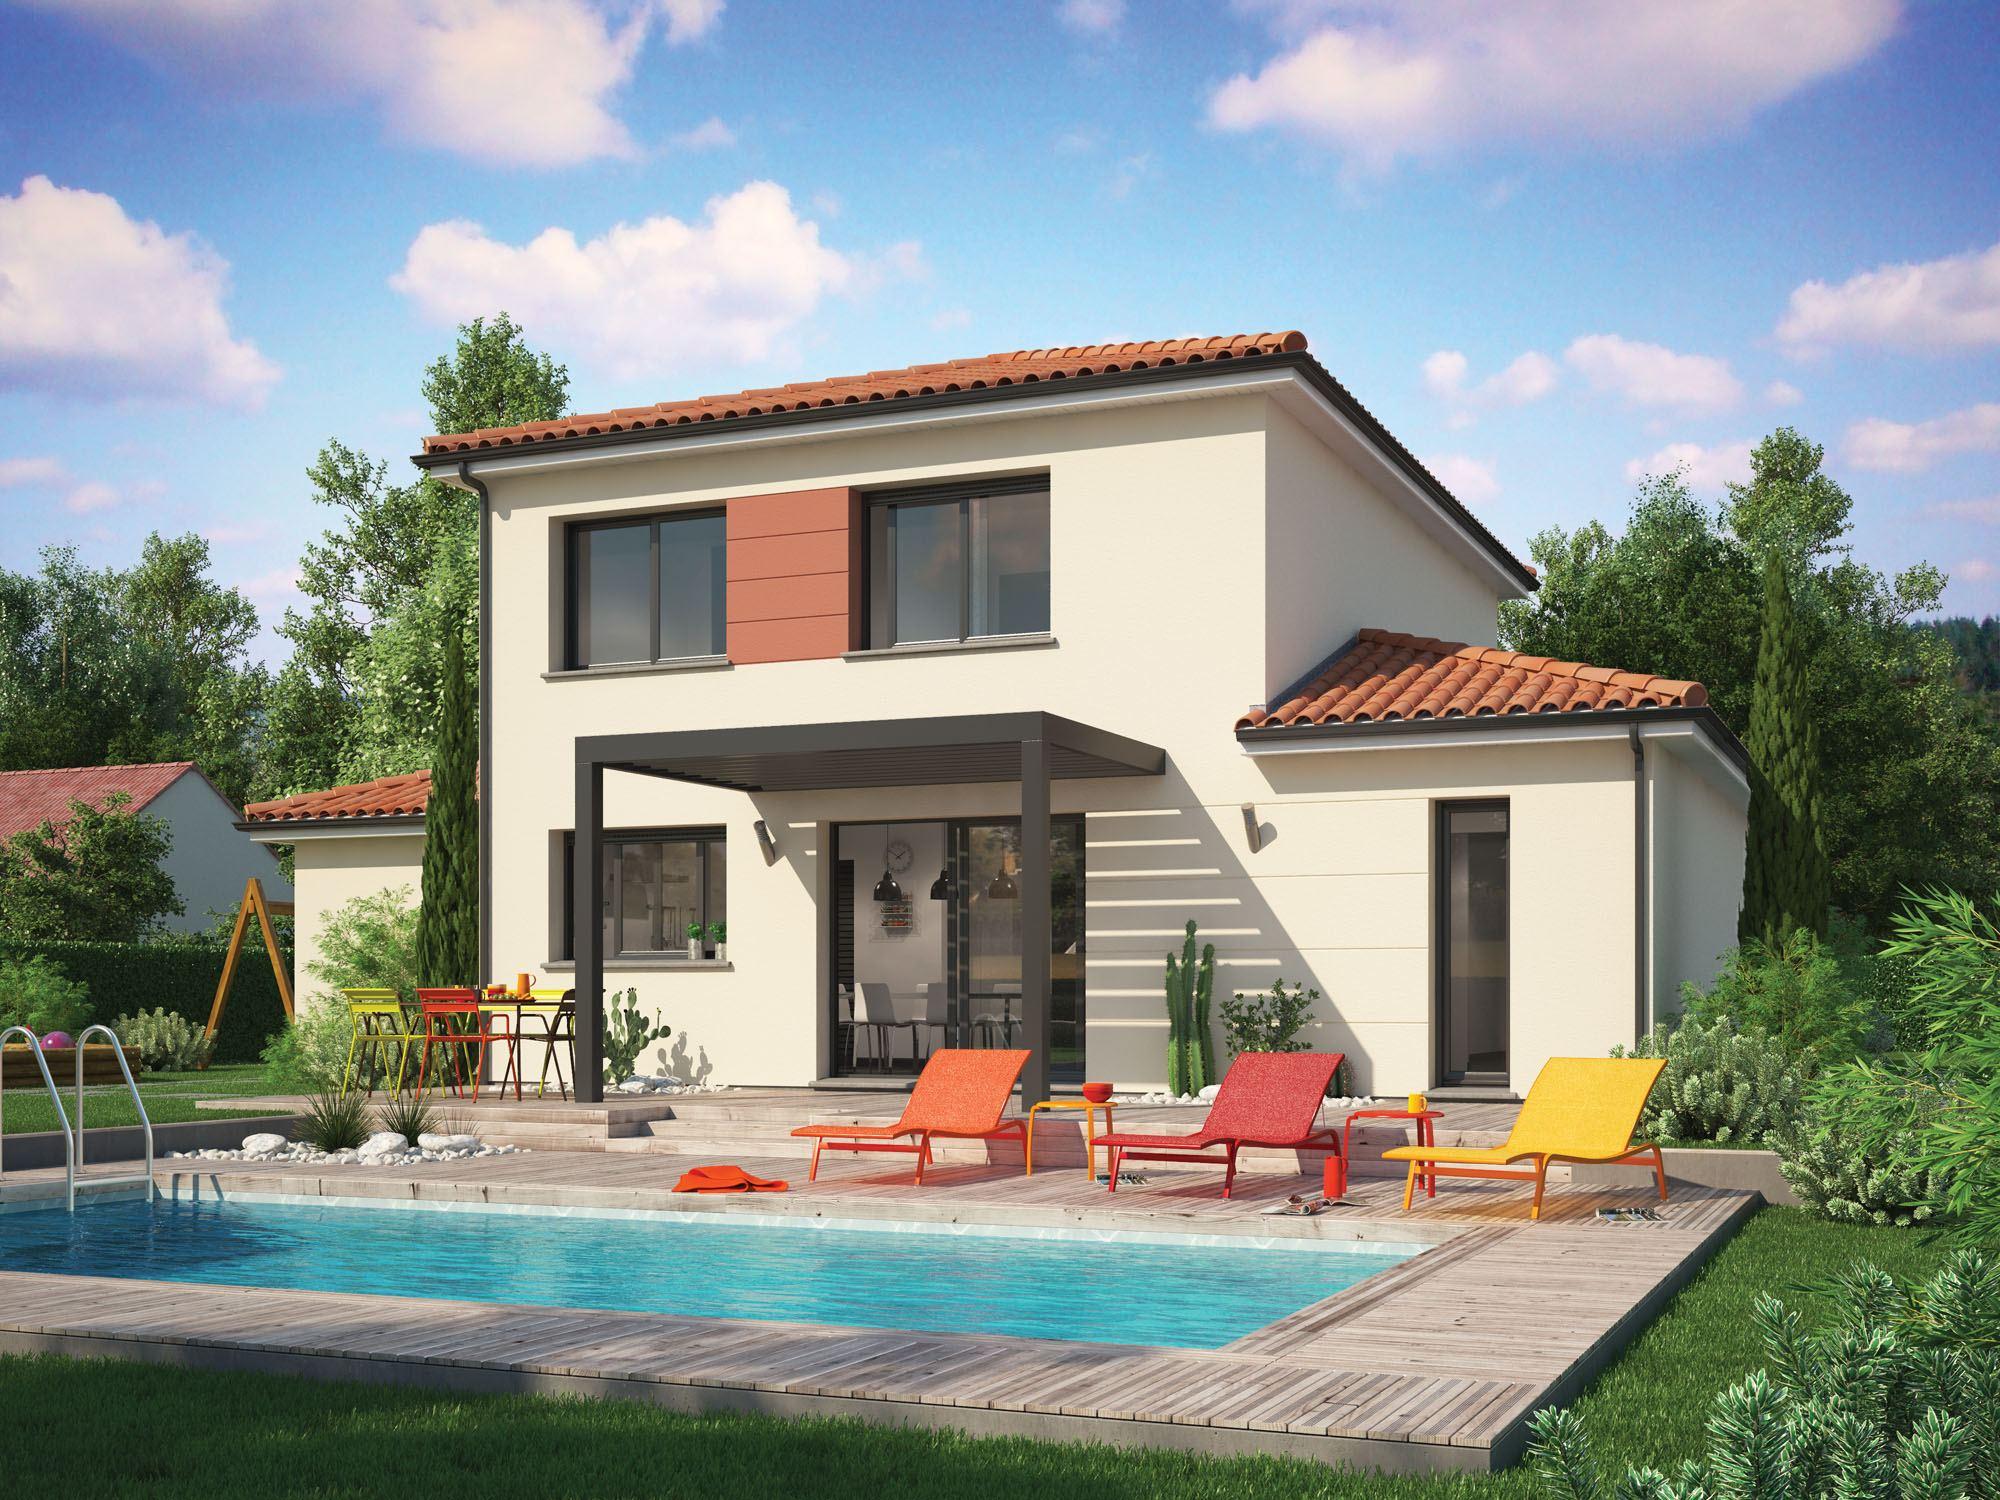 Maisons + Terrains du constructeur MAISON FAMILIALE • 112 m² • VILLEFRANCHE SUR SAONE